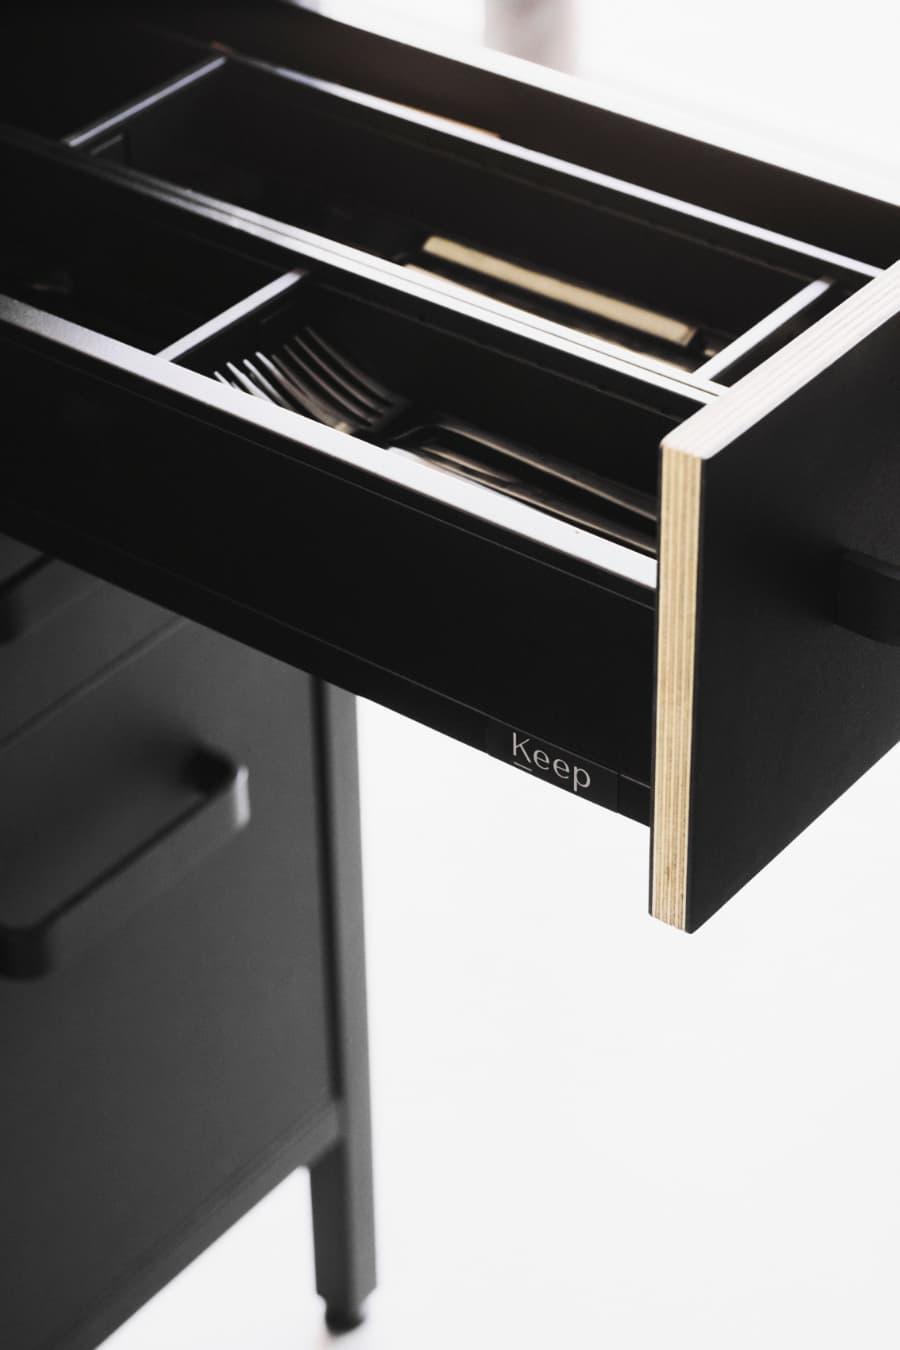 schwarze-Küche-von-keep-Besteckschublade-im-Detail